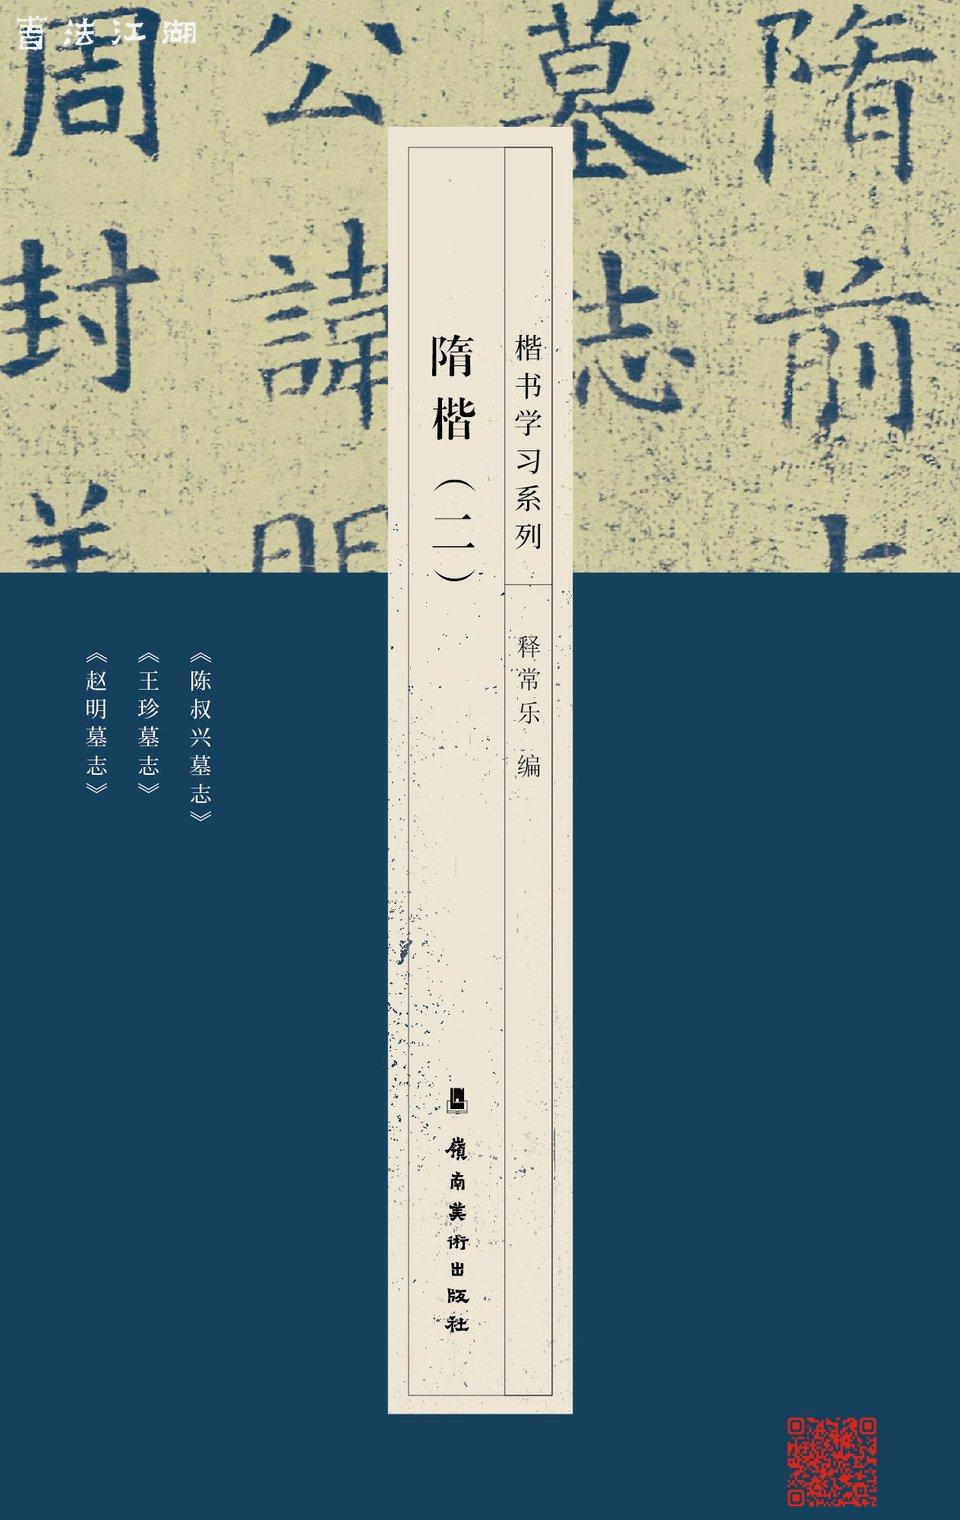 6-隋楷2-封面-01.jpg